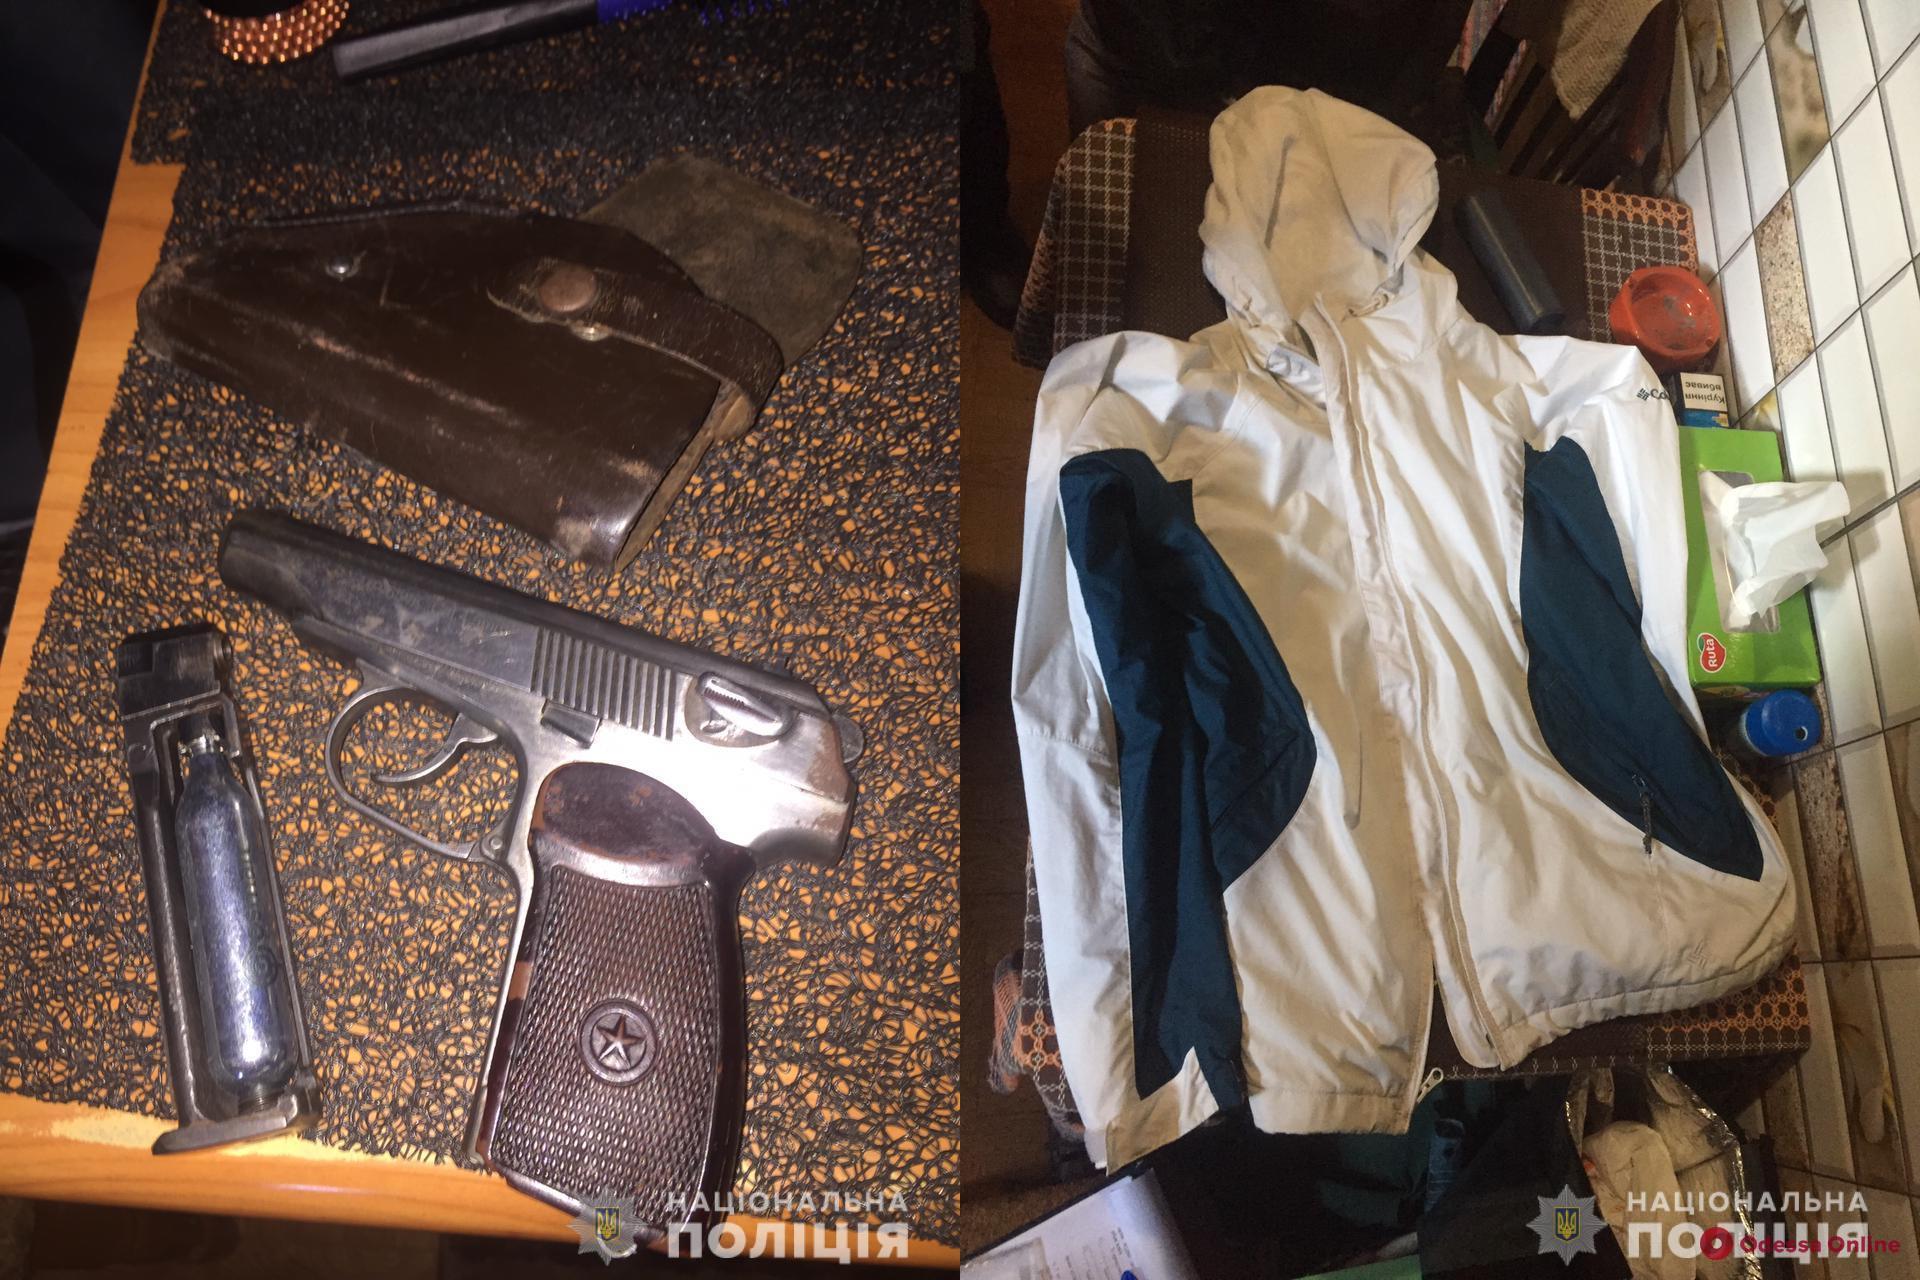 На Молдаванке вооруженный разбойник напал на продавщицу киоска (видео)